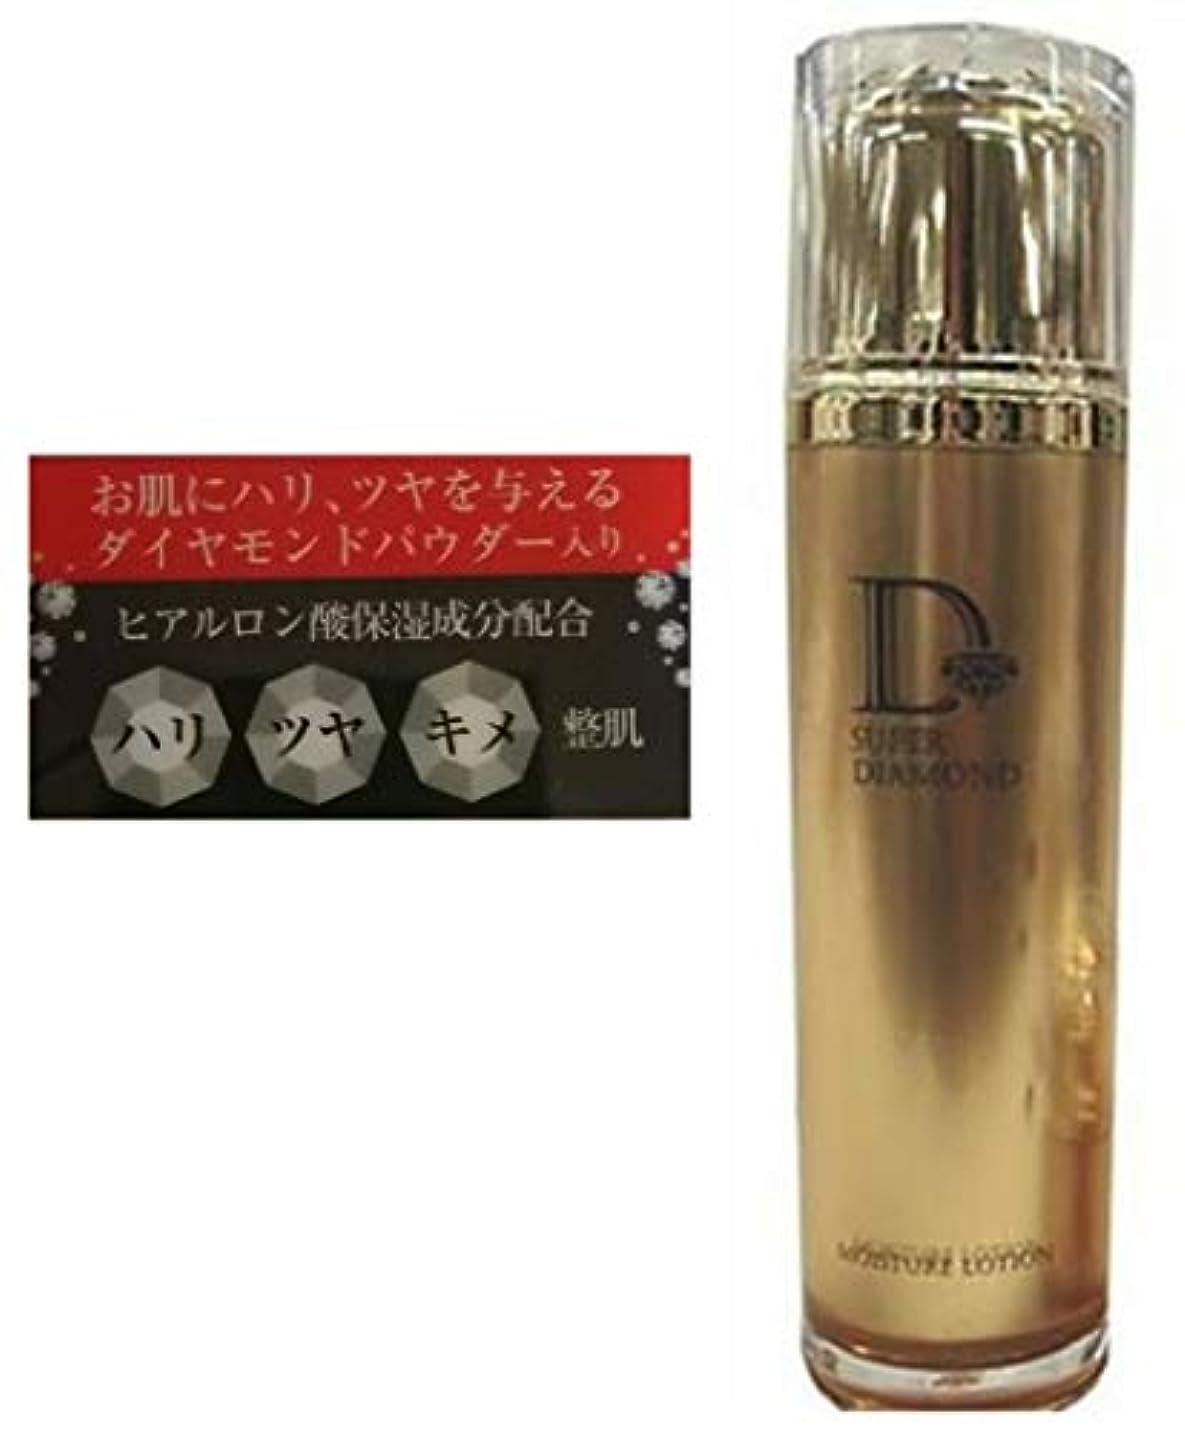 ジュースり草スーパーダイヤモンド 保湿化粧水 ハリ ツヤ キメ ダイヤモンド 日本製 保湿 化粧水 ヒアルロン酸